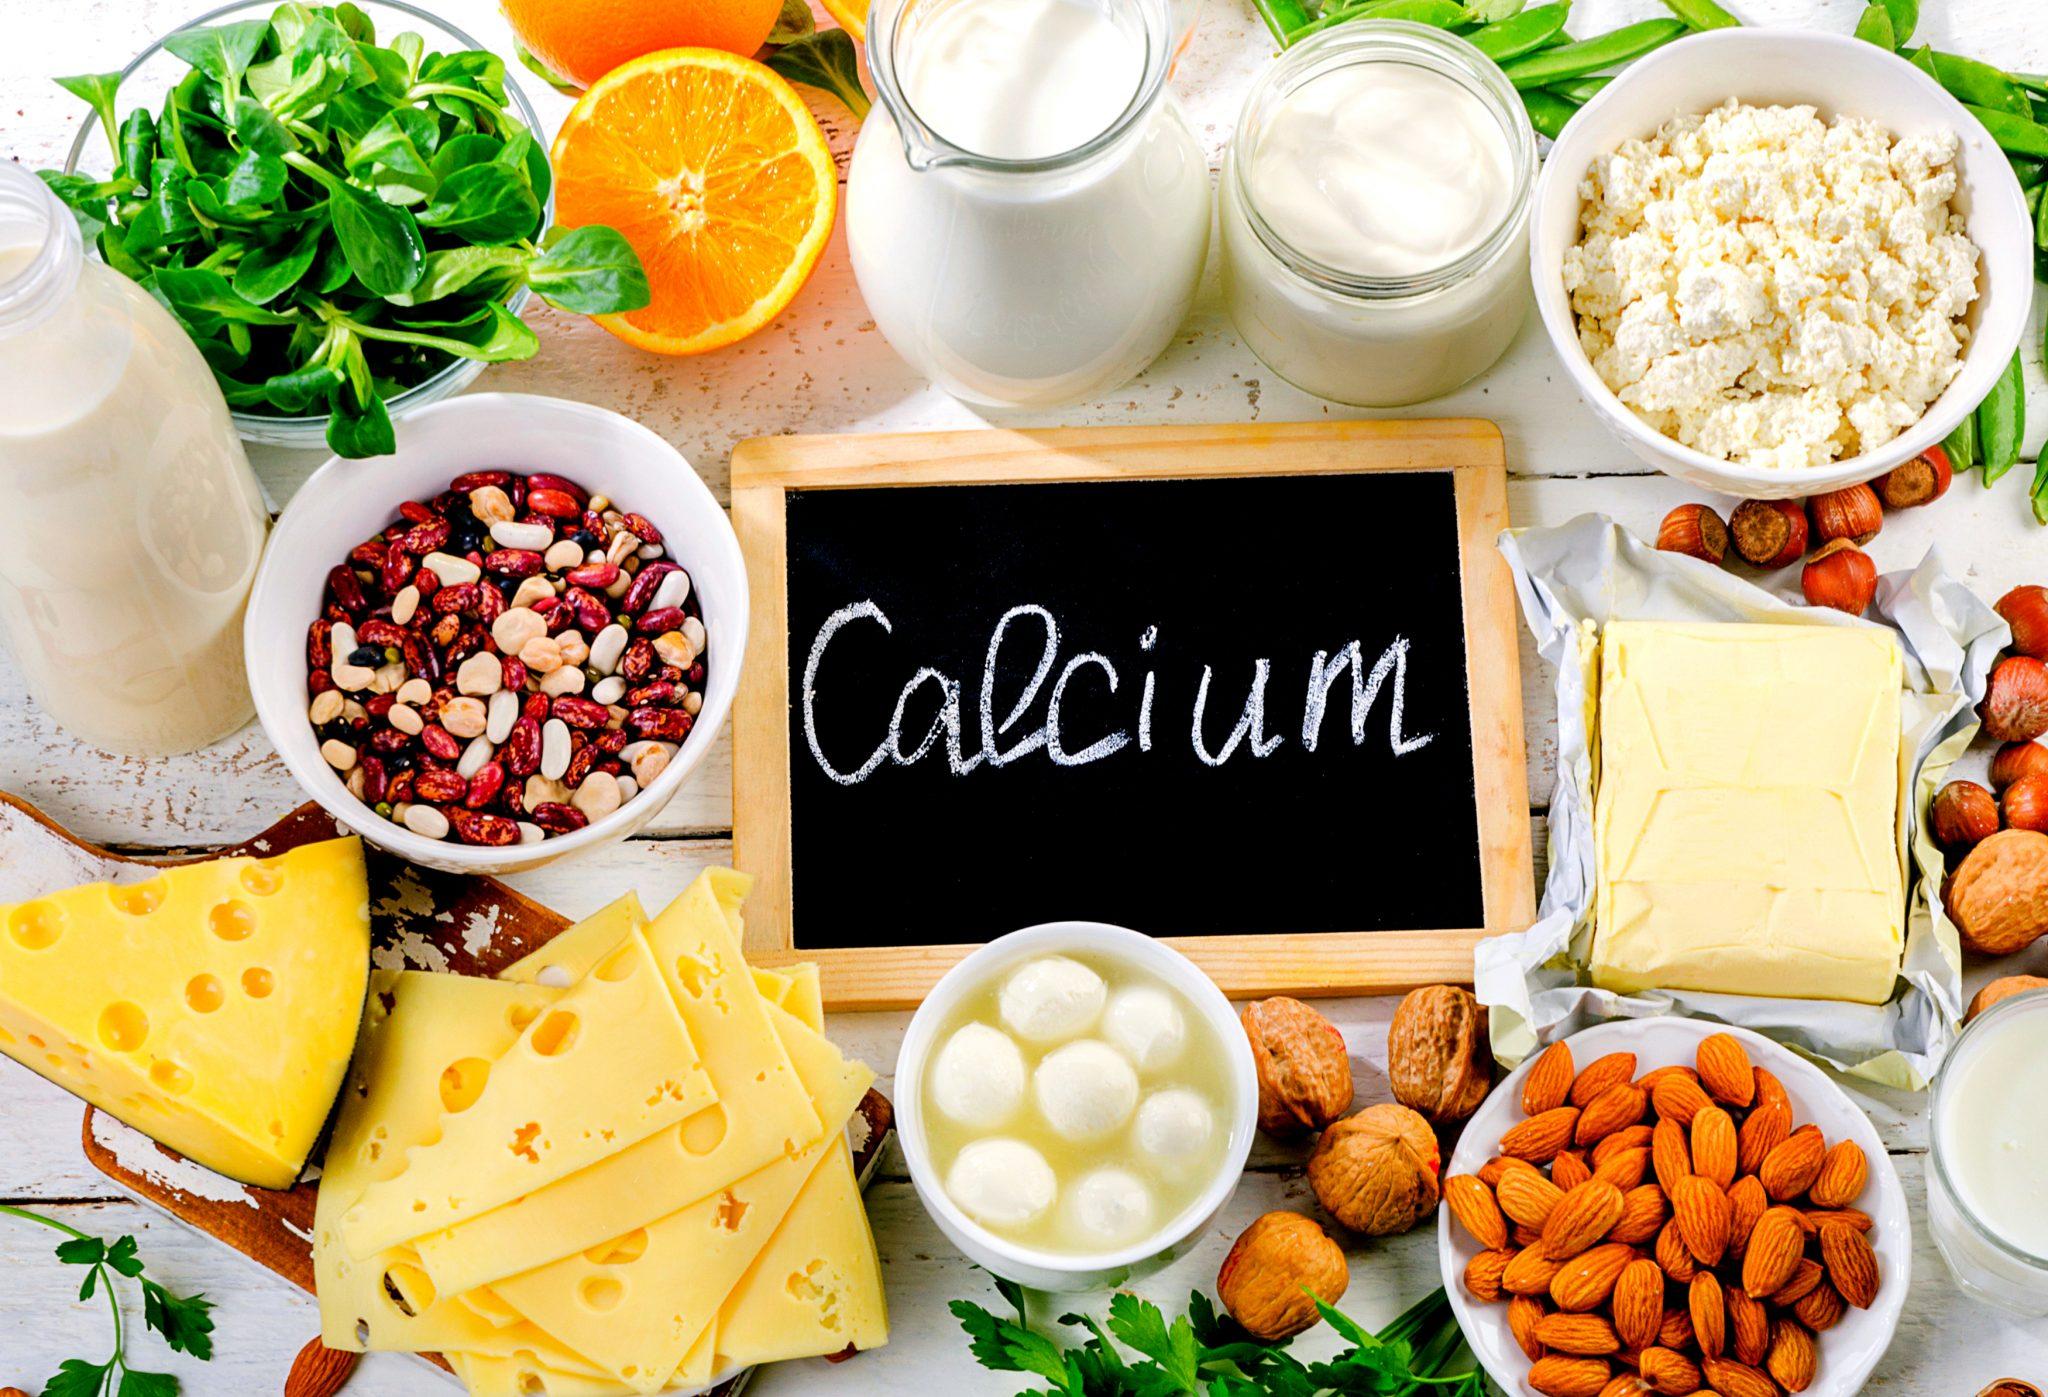 カルシウムを含む食べ物